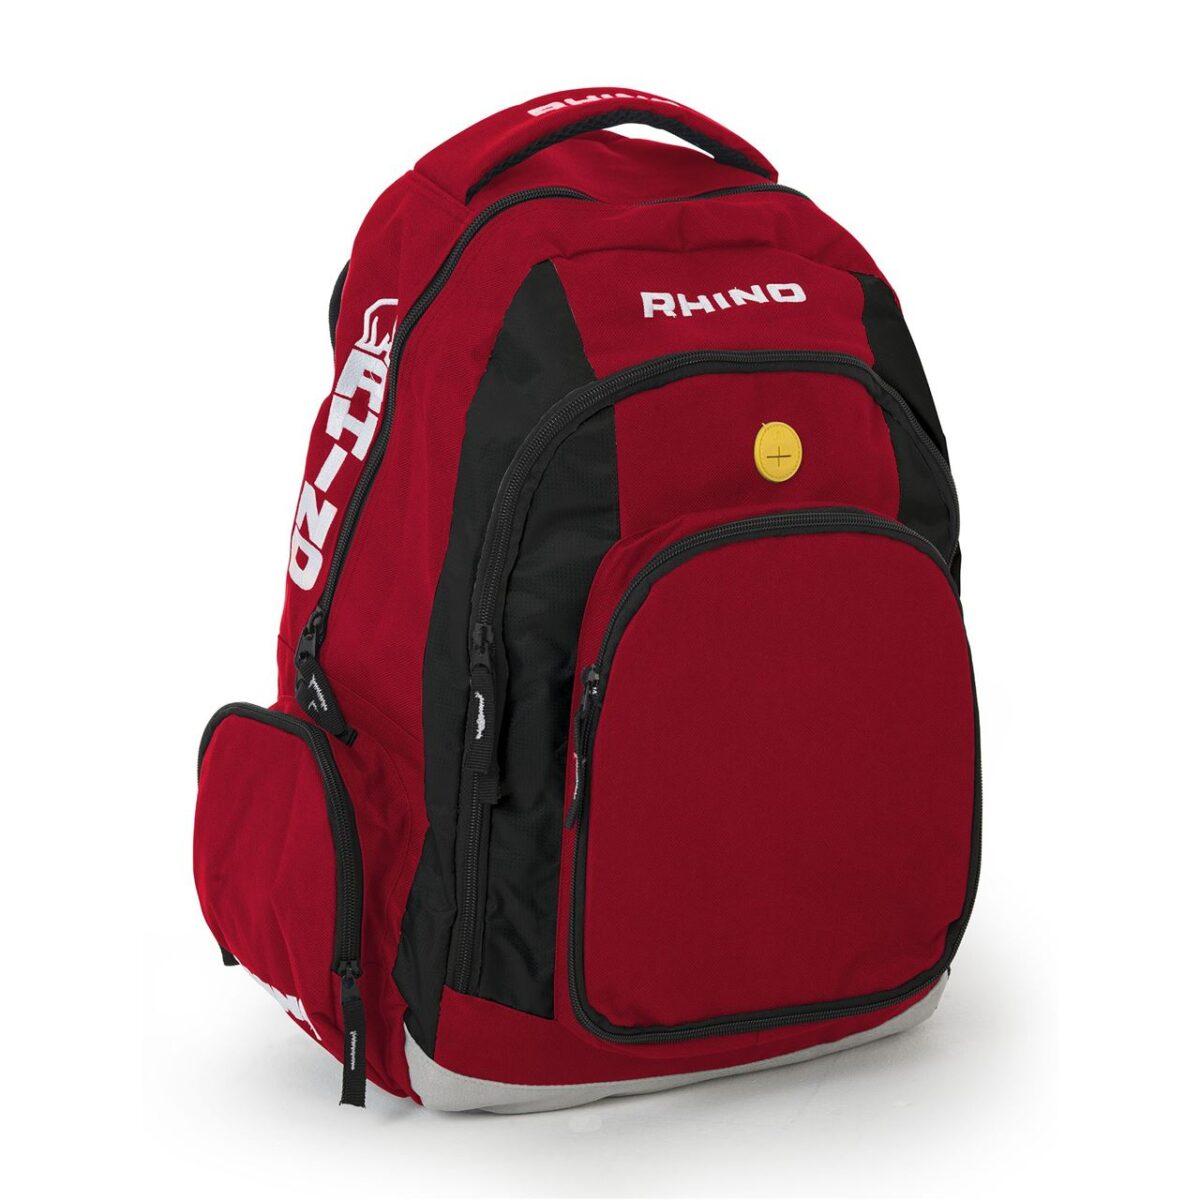 Rhino Gameday Backpack